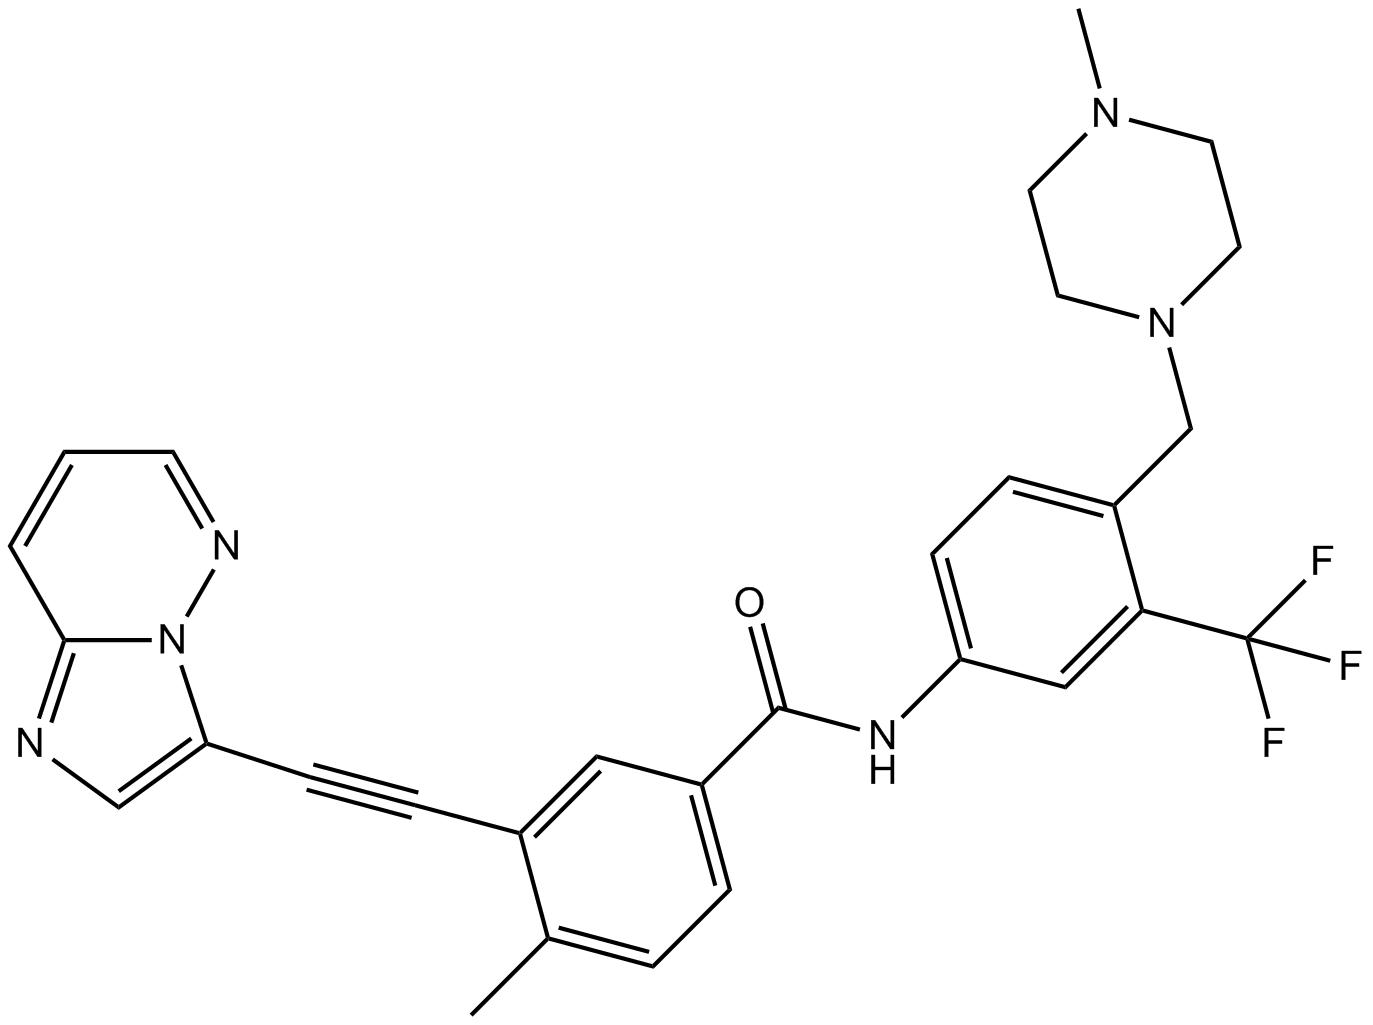 Ponatinib (AP24534)